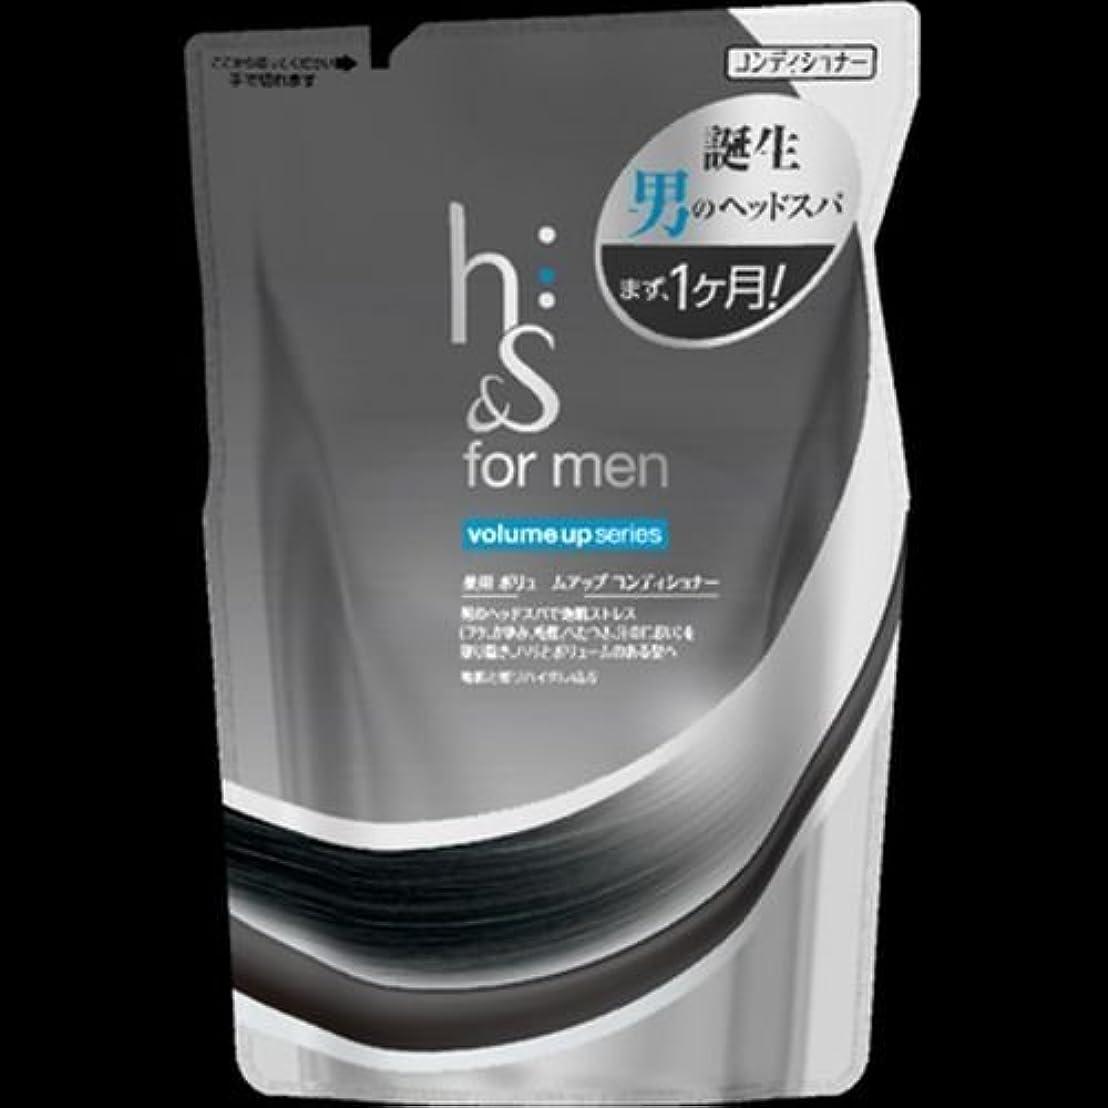 起点底美徳【まとめ買い】h&s for men ボリュームアップコンディショナー つめかえ 340g ×2セット